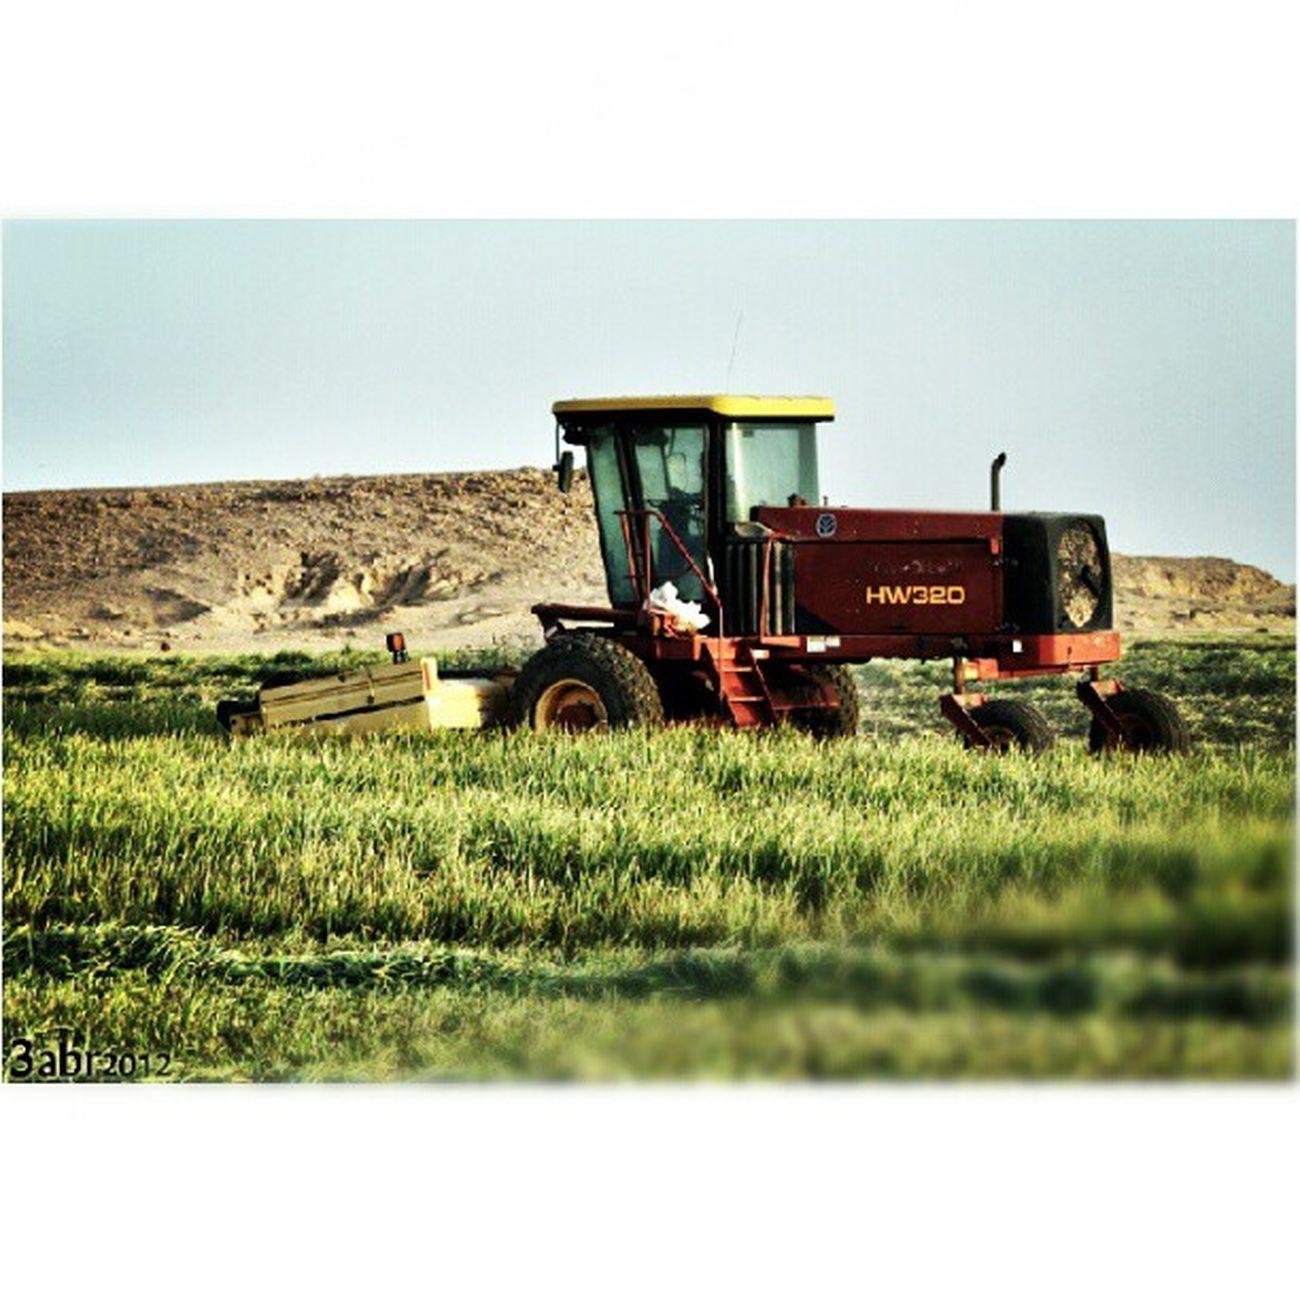 صورة حصادة الزرع مزرعة السلمان بجوار الربيعية في القصيم كاميرة كانون عدسة زوم Combine image transplant Salman farm next spring in Qassim Camcorder Canon zoom lens, 2012 x3abrr Instagram flickr twittr facebook